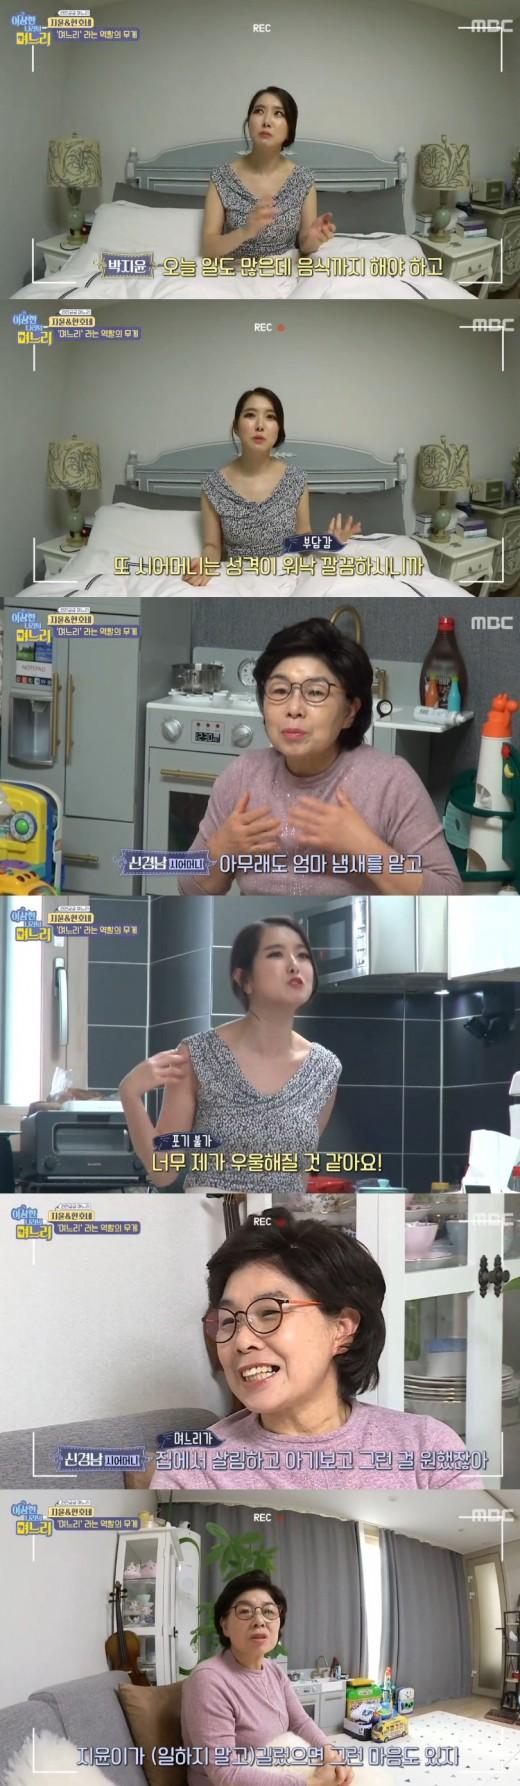 """'이나리' 박지윤, 맞벌이 반대하는 시어머니에 """"일 안하며 우울해질 듯""""_이미지"""